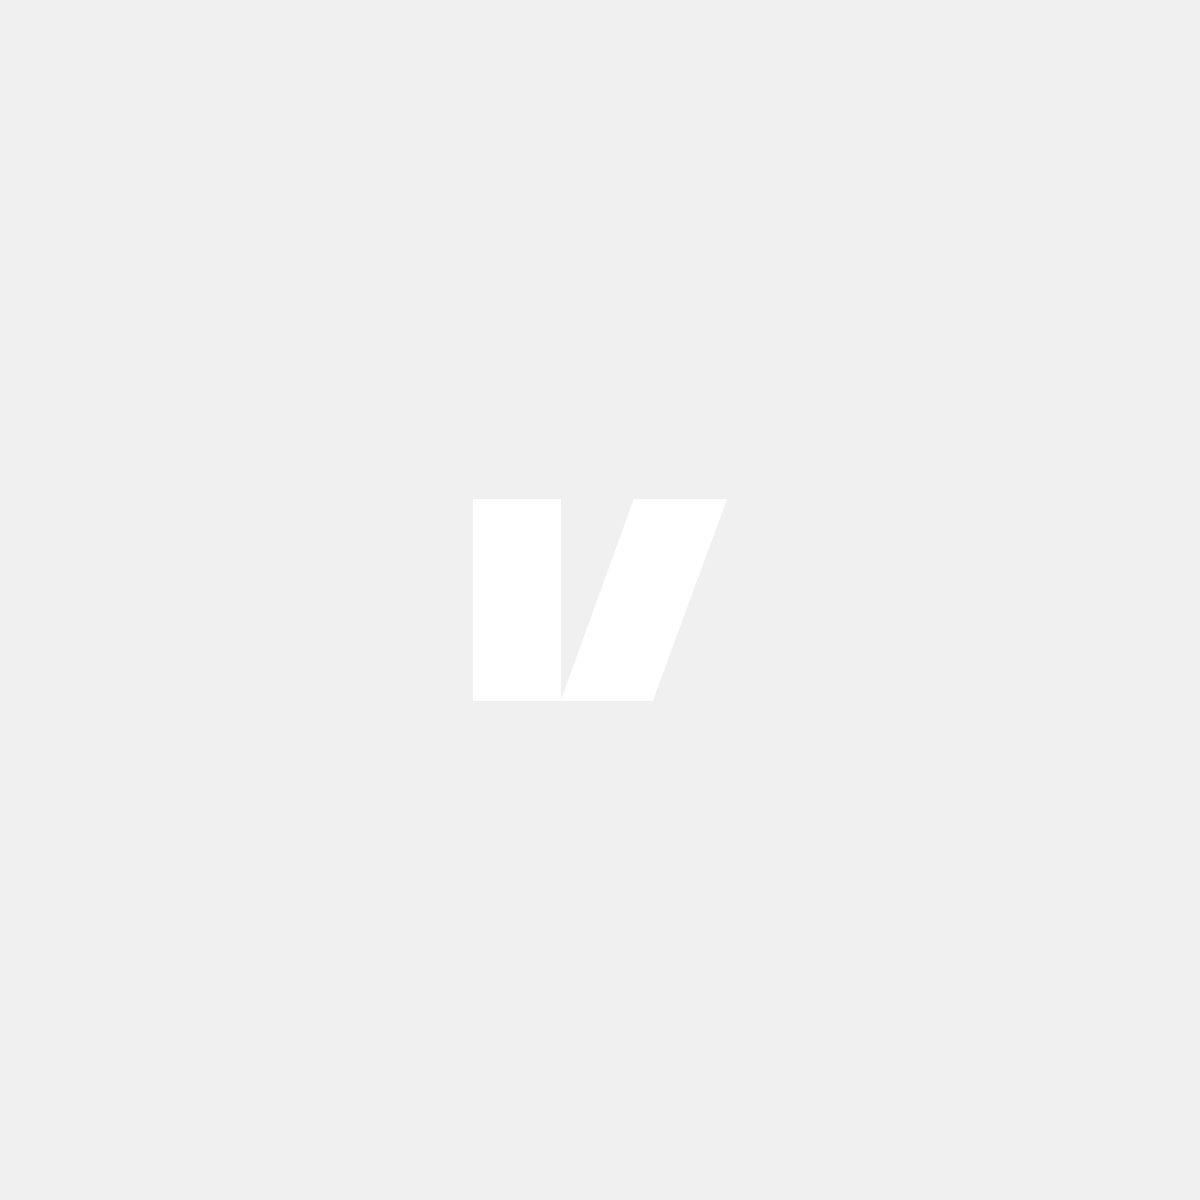 Sportgrill till Volvo S60, aluminiumnät, svart ram